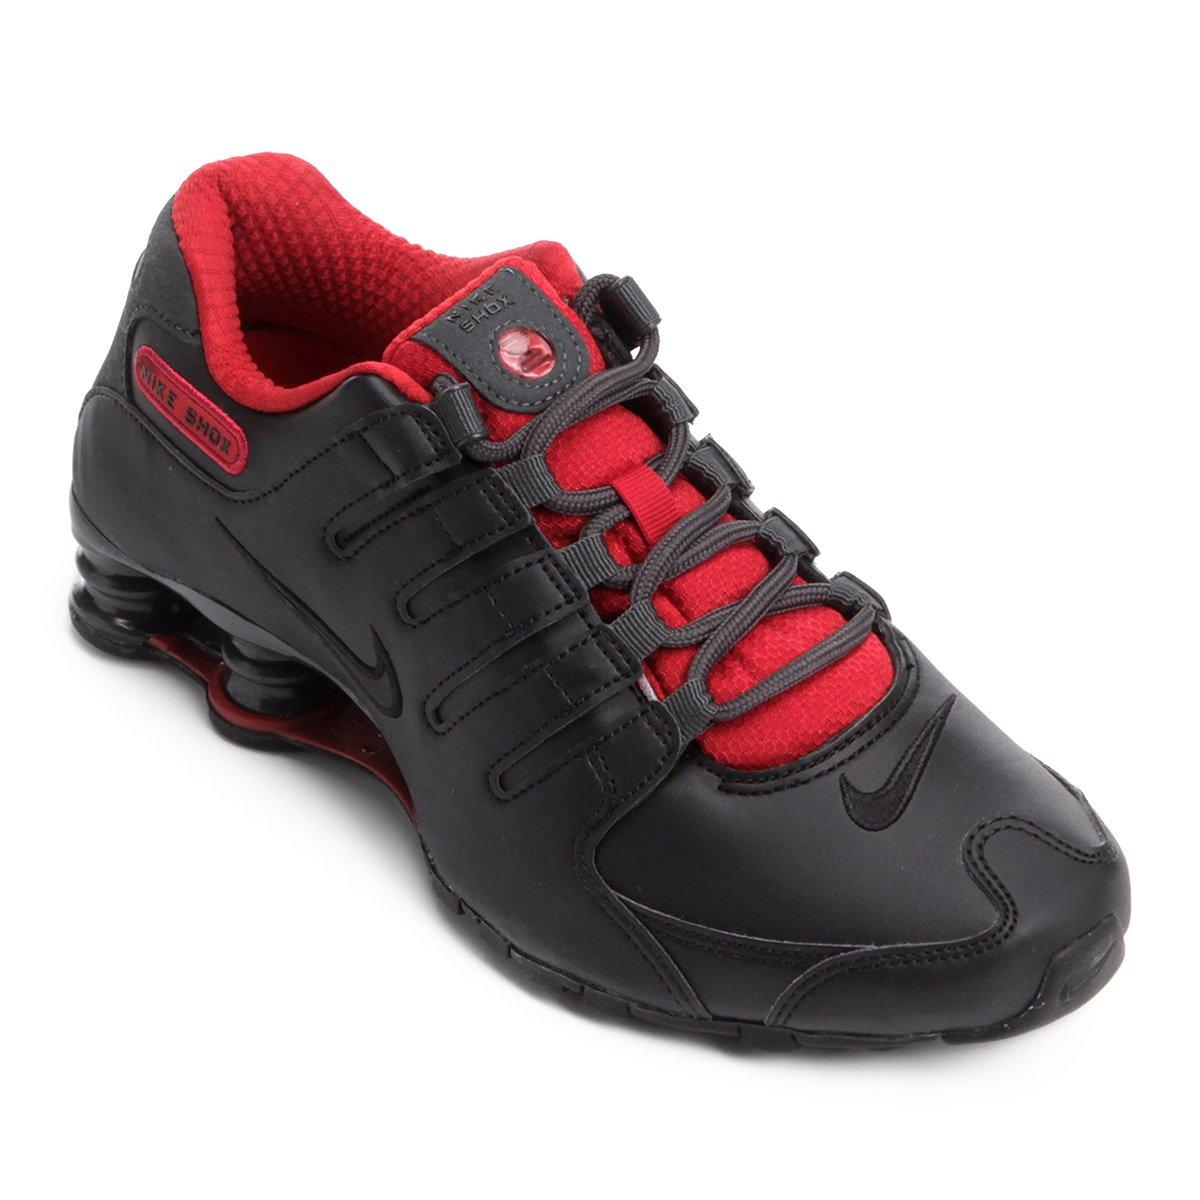 Tênis Nike Shox Nz Se - Preto e Vermelho - Compre Agora  1172d48361b2